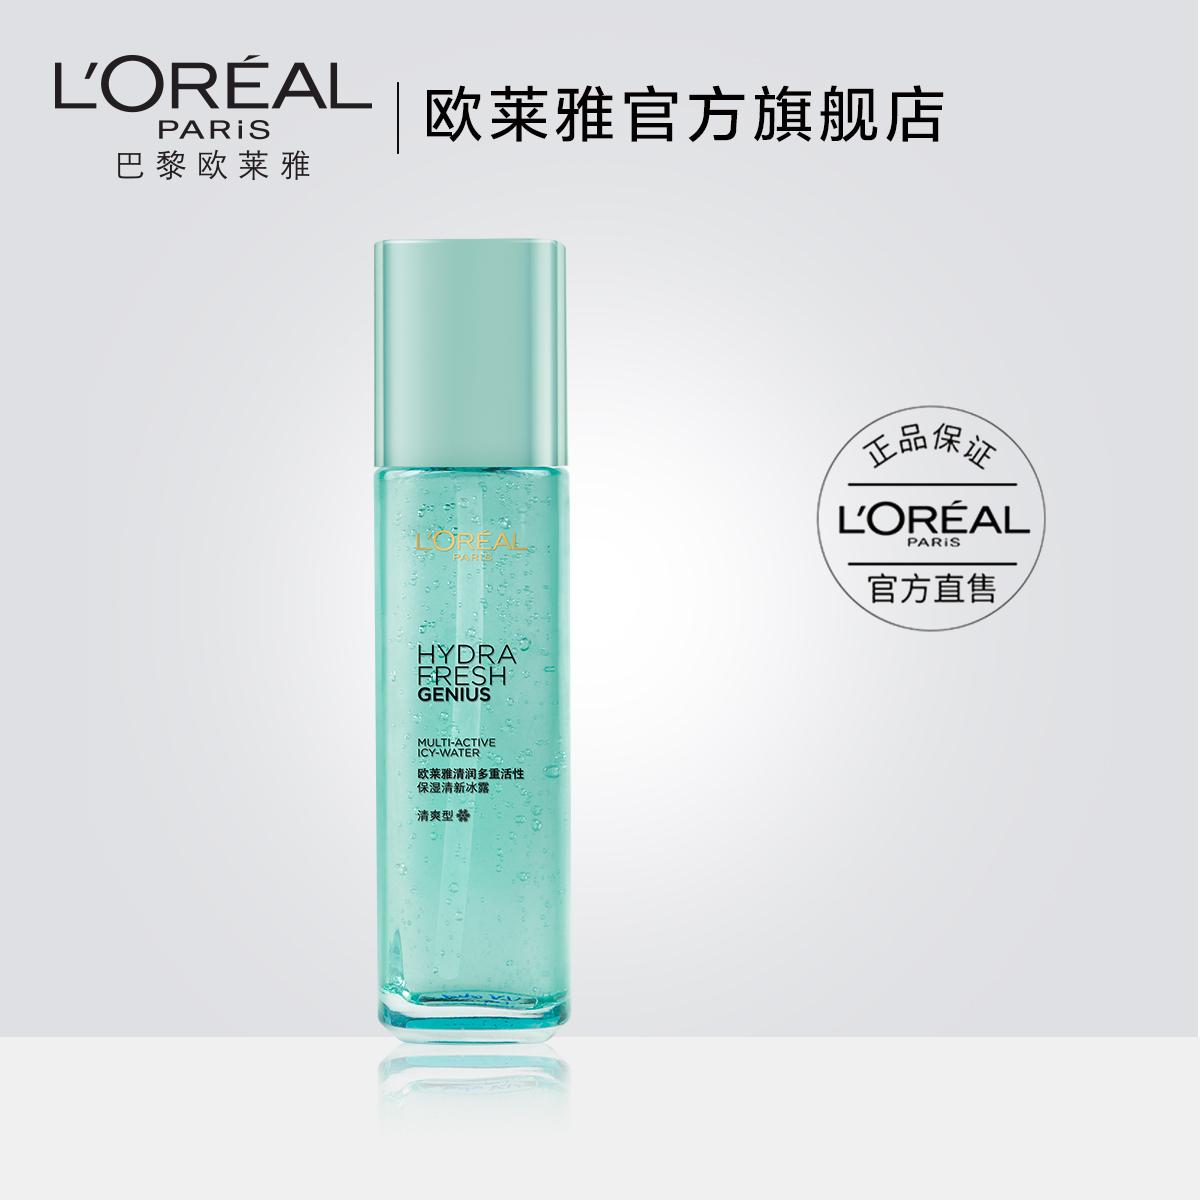 歐萊雅清潤多重活性保濕清新冰露 深層補水保濕緊致滋潤護膚精華